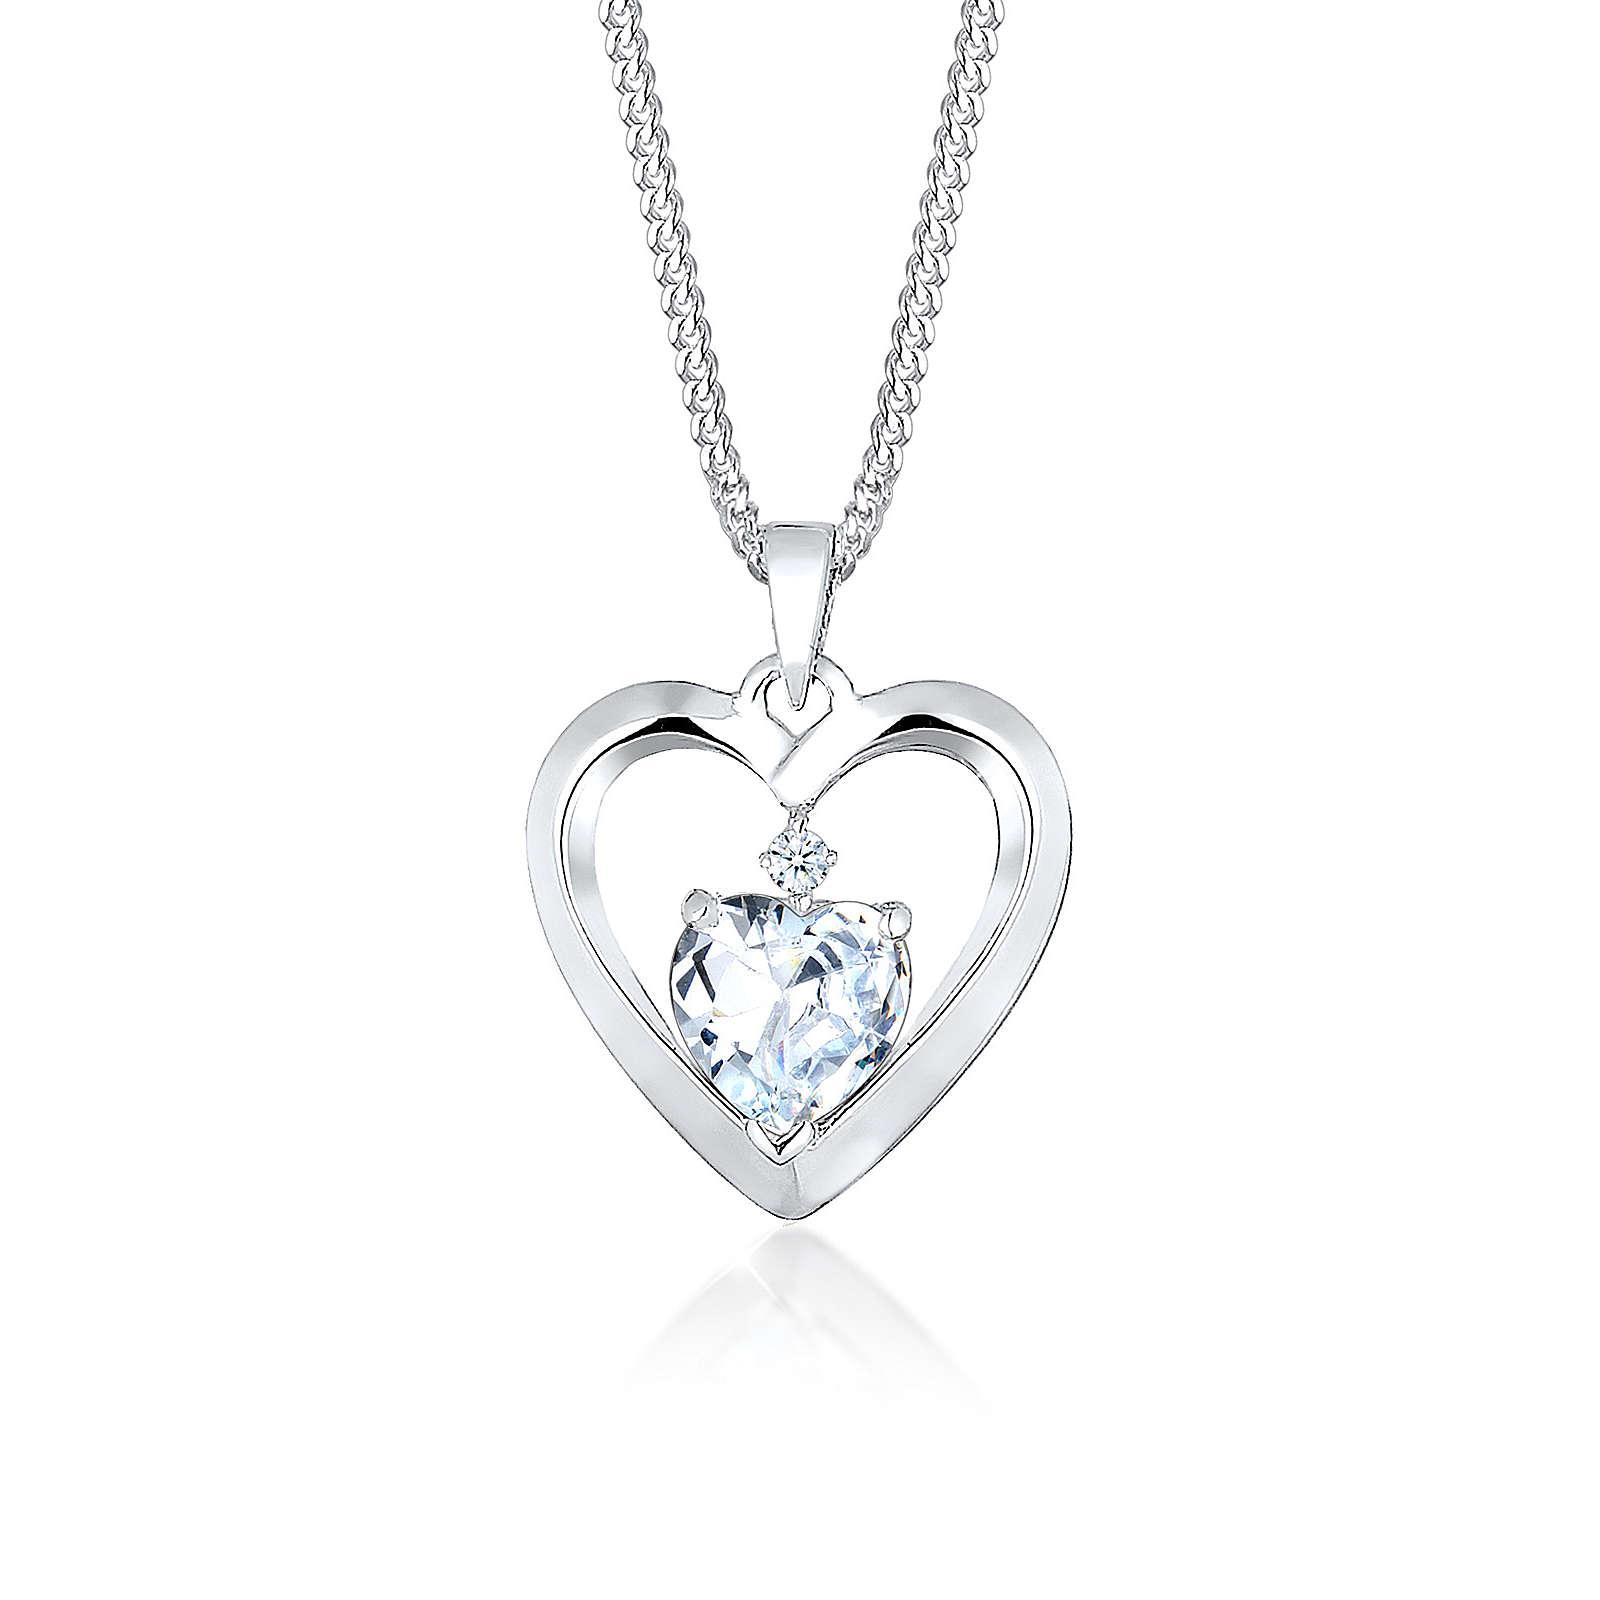 Diamore Halskette Herz Diamant (0.02 ct.) Zirkonia 925 Silber Halsketten weiß Damen Gr. one size